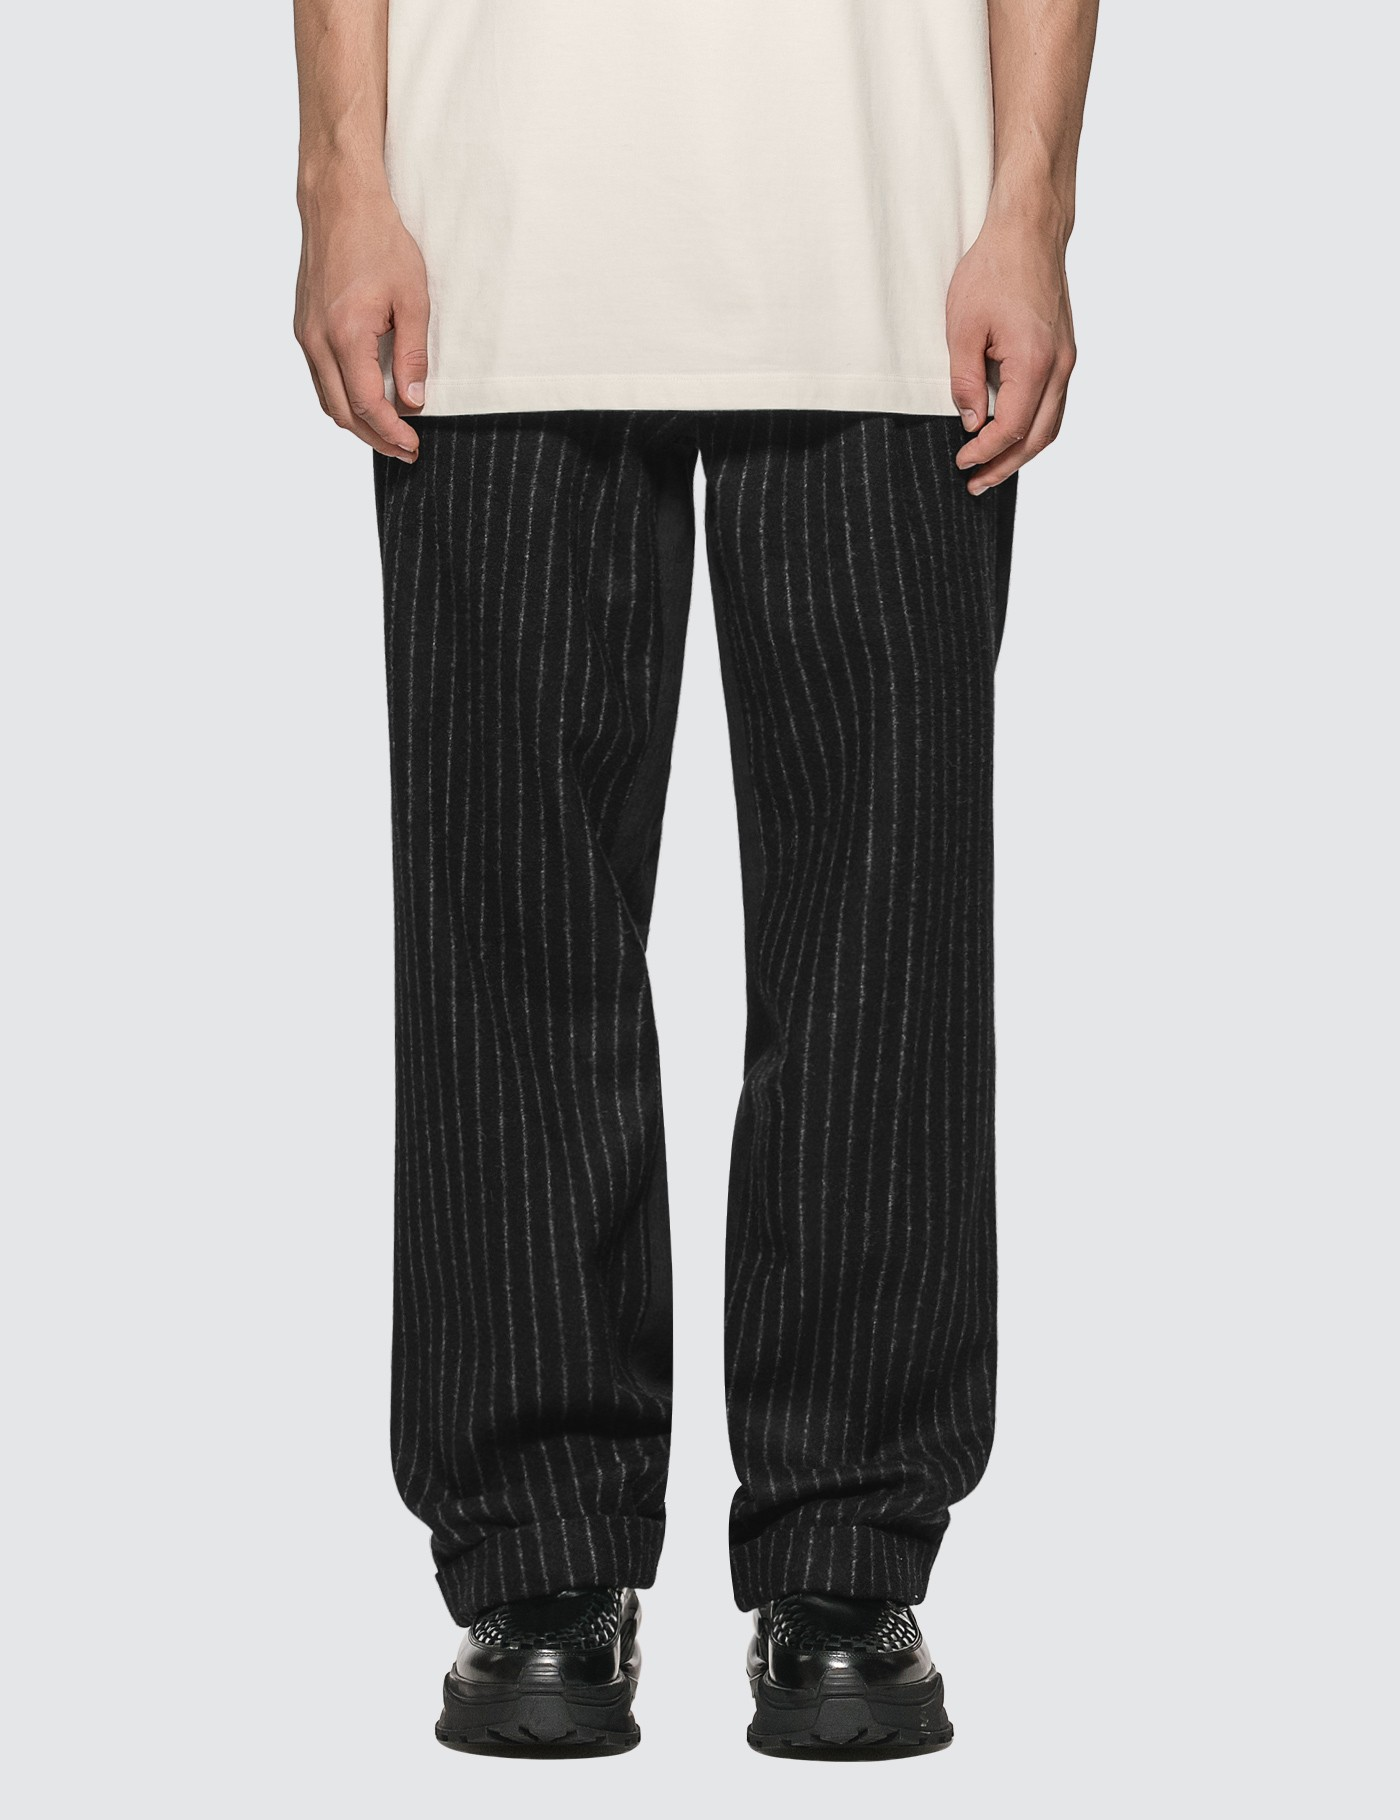 Virgin Wool Stripes Pants